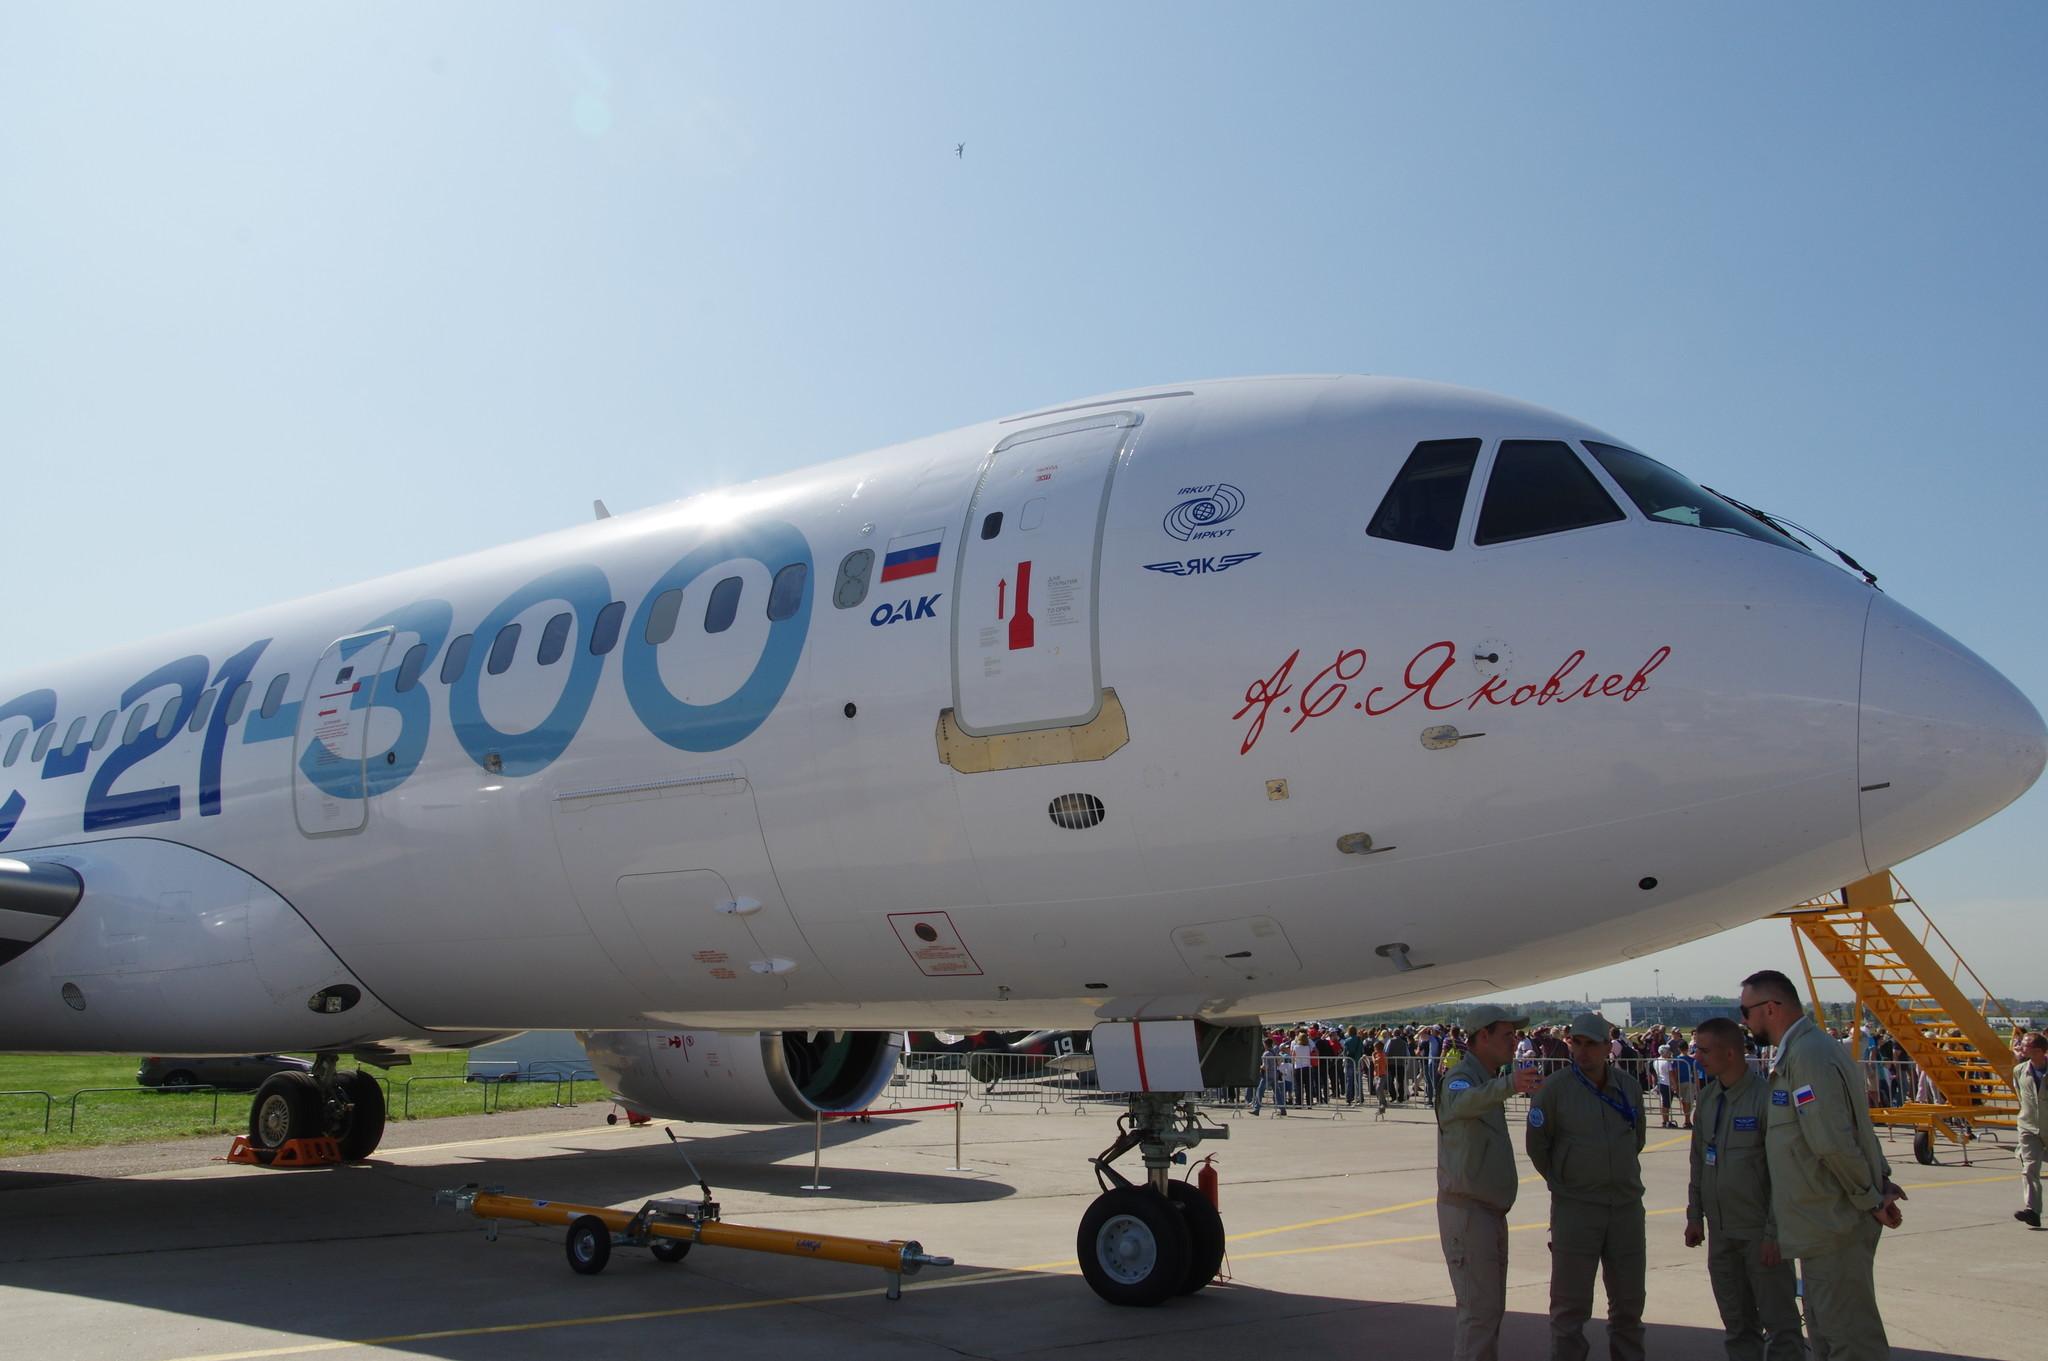 Среднемагистральный узкофюзеляжный пассажирский самолёт МС-21-300